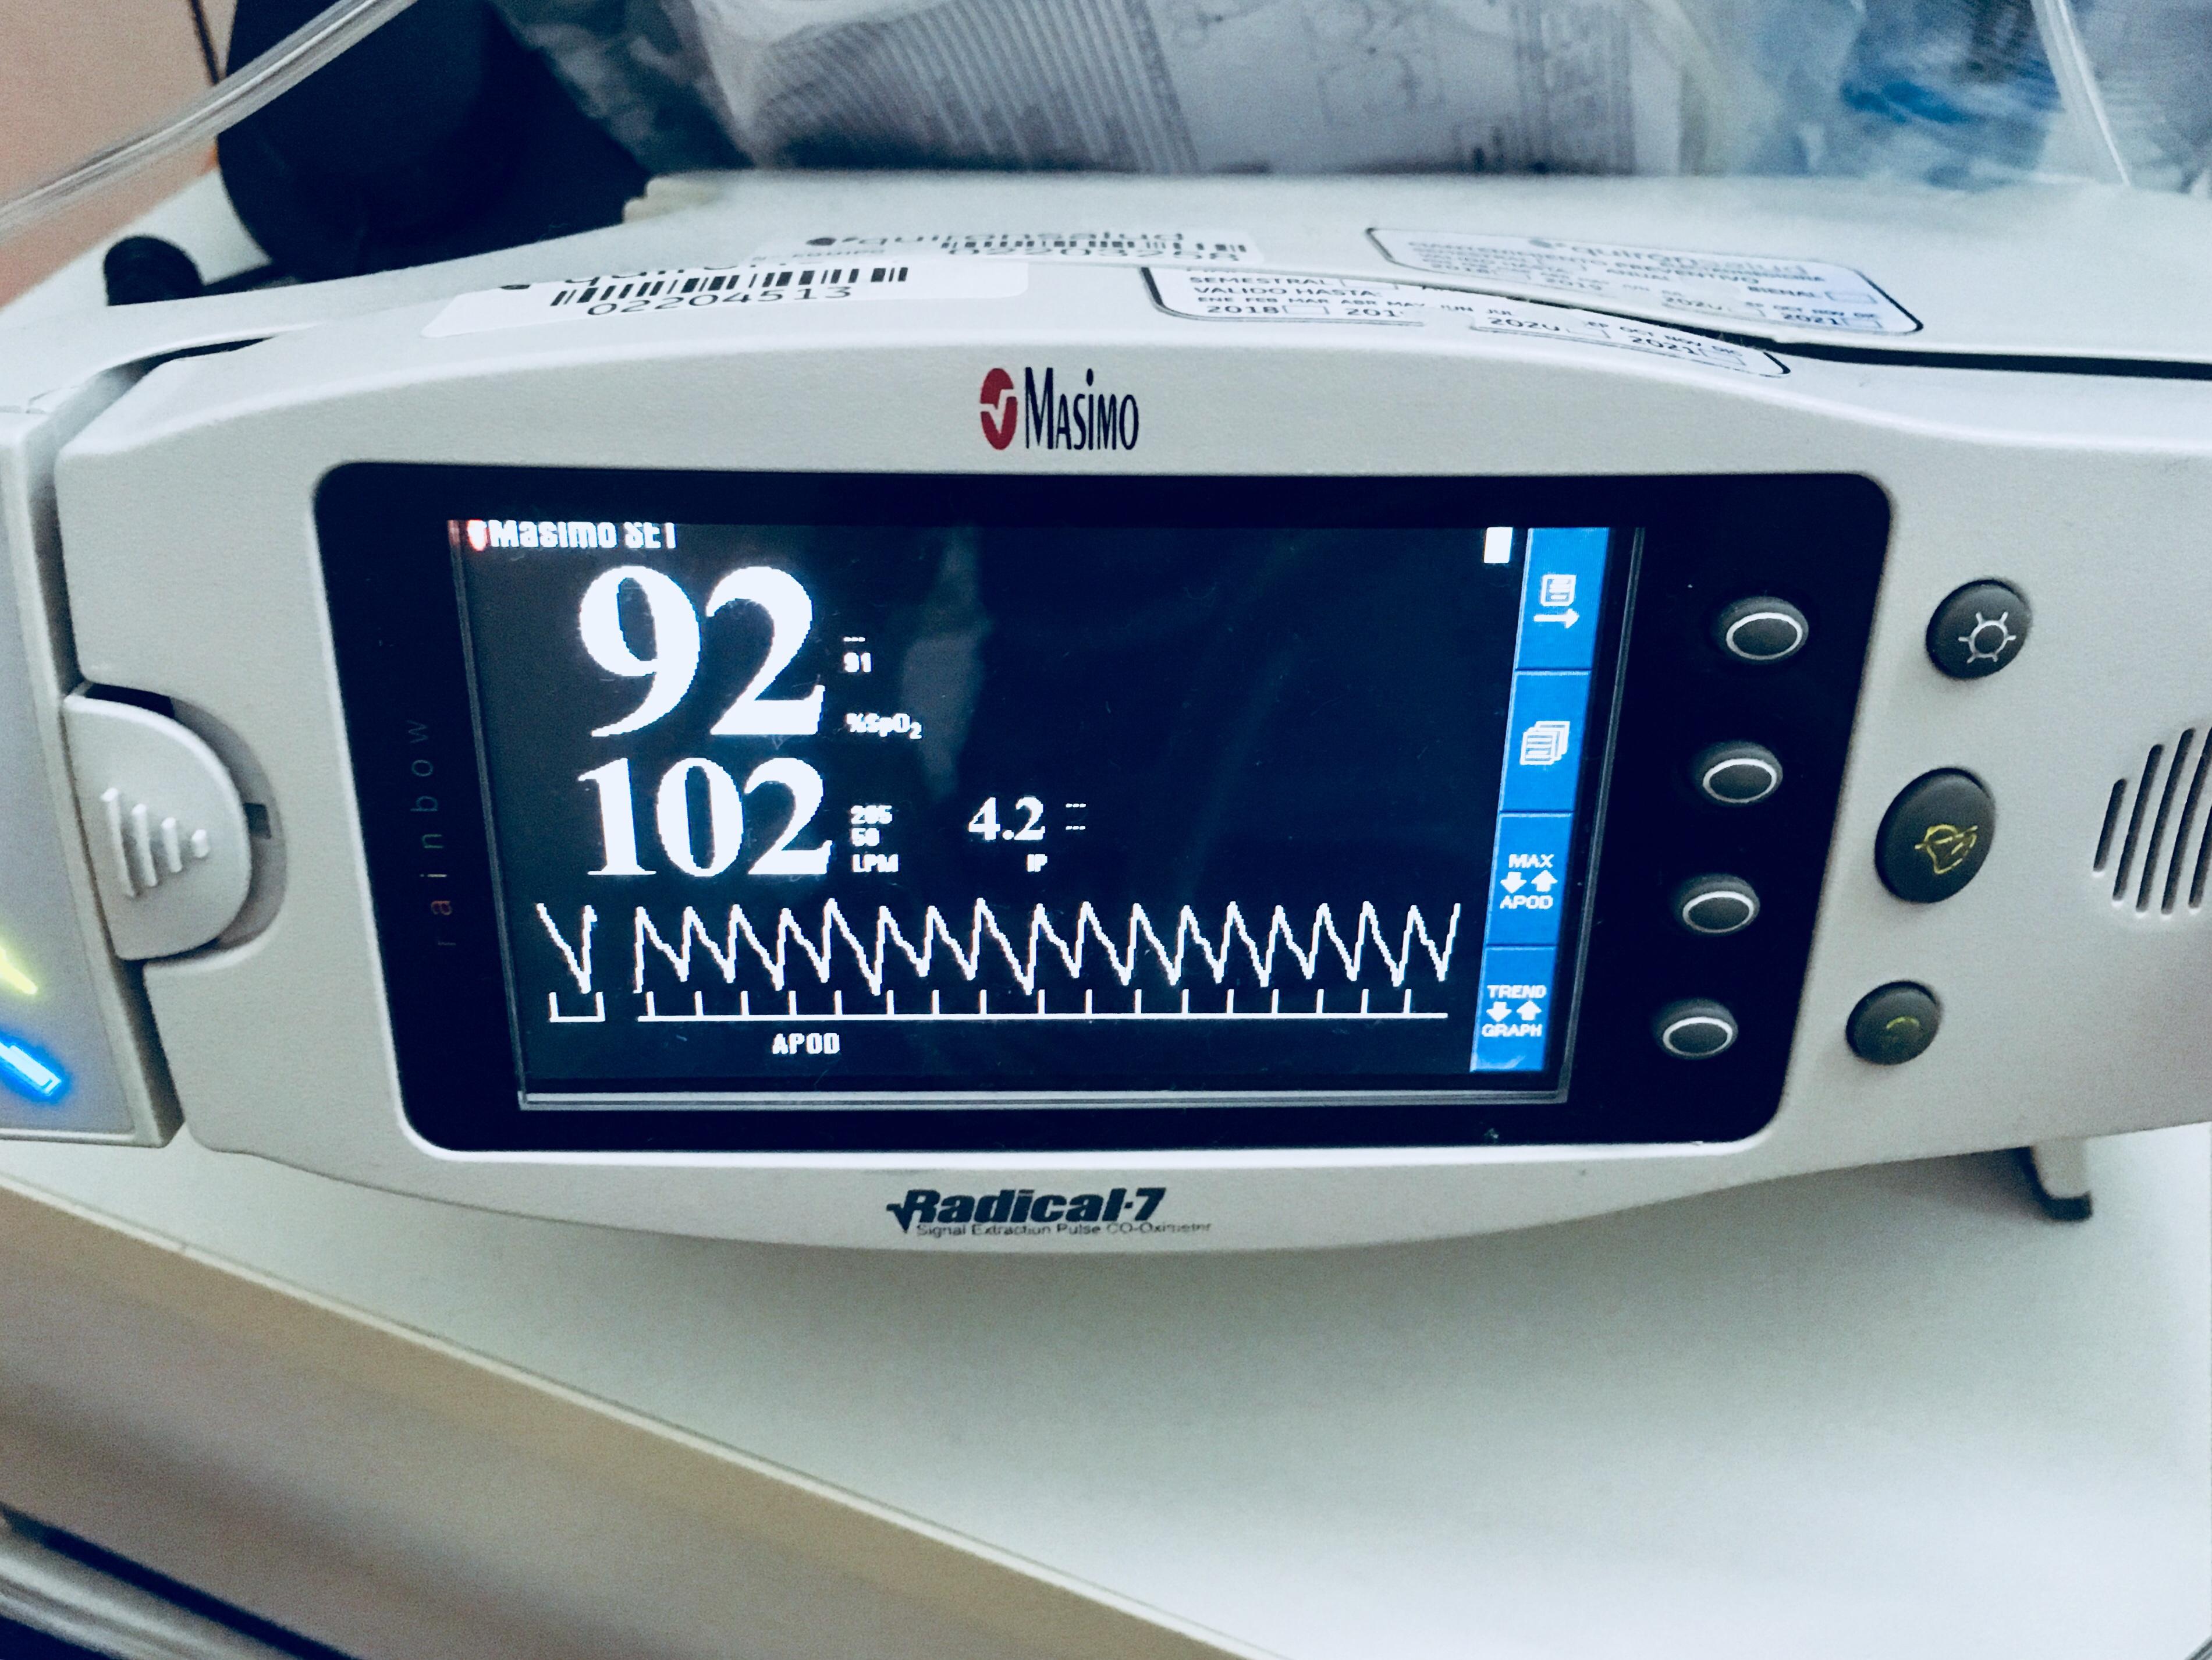 Niveles normales de oxigeno en sangre en adultos